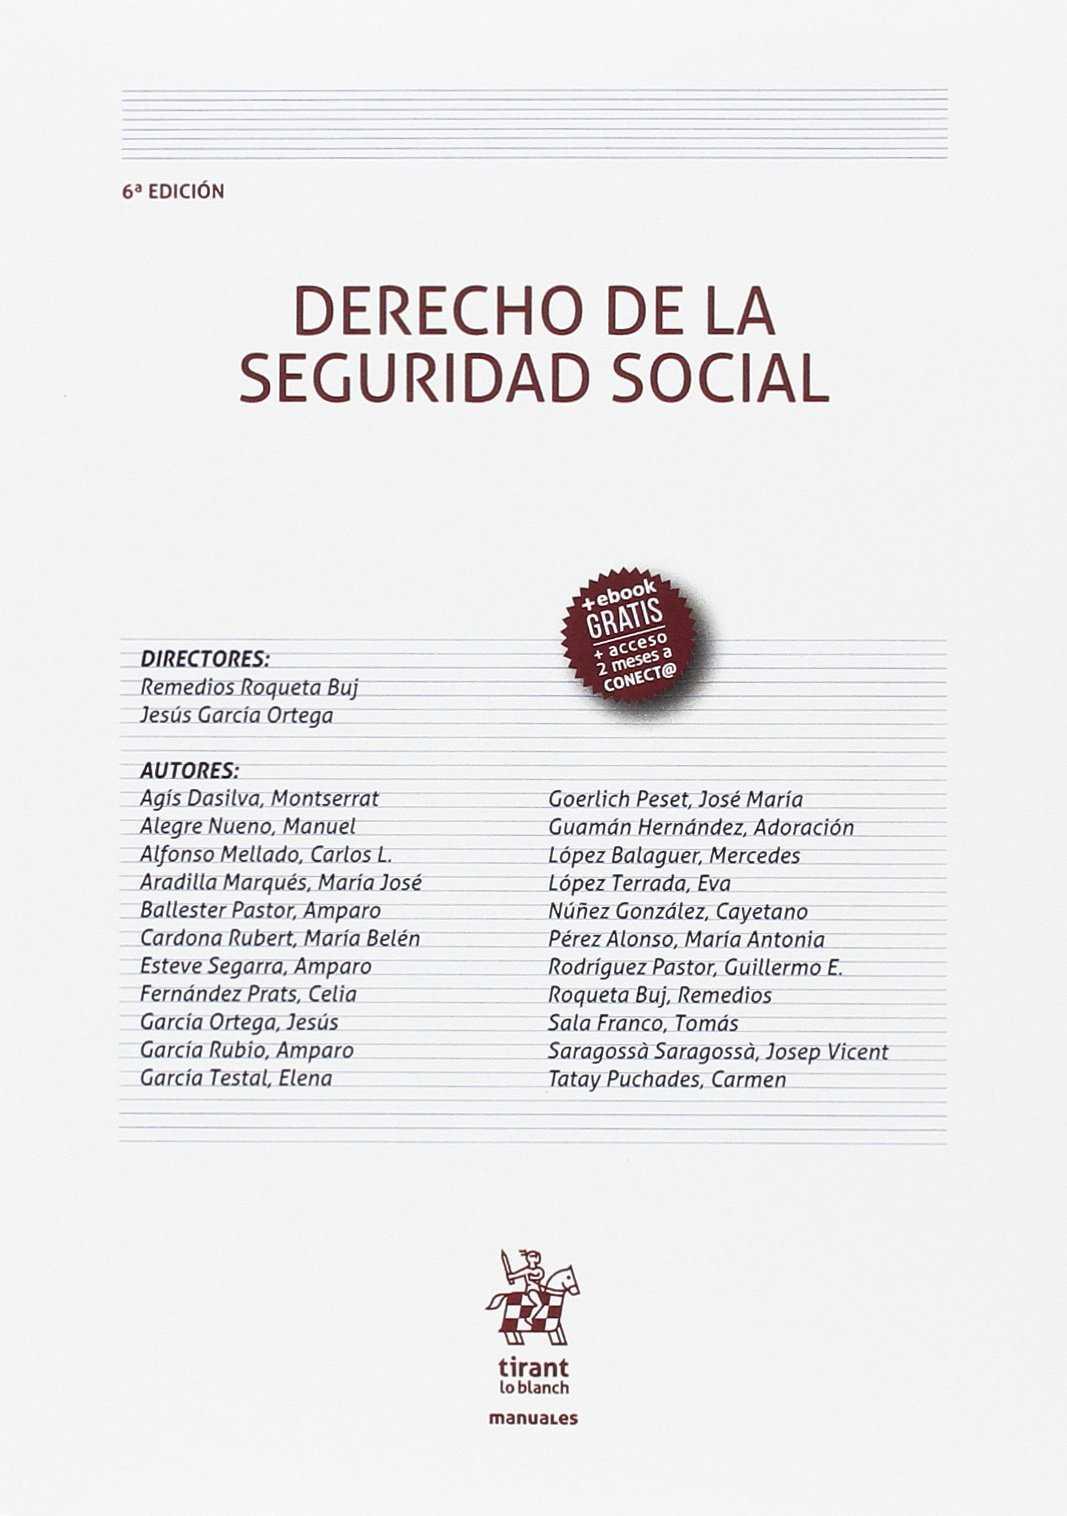 DERECHO DE LA SEGURIDAD SOCIAL 6ª EDICIÓN 2017.